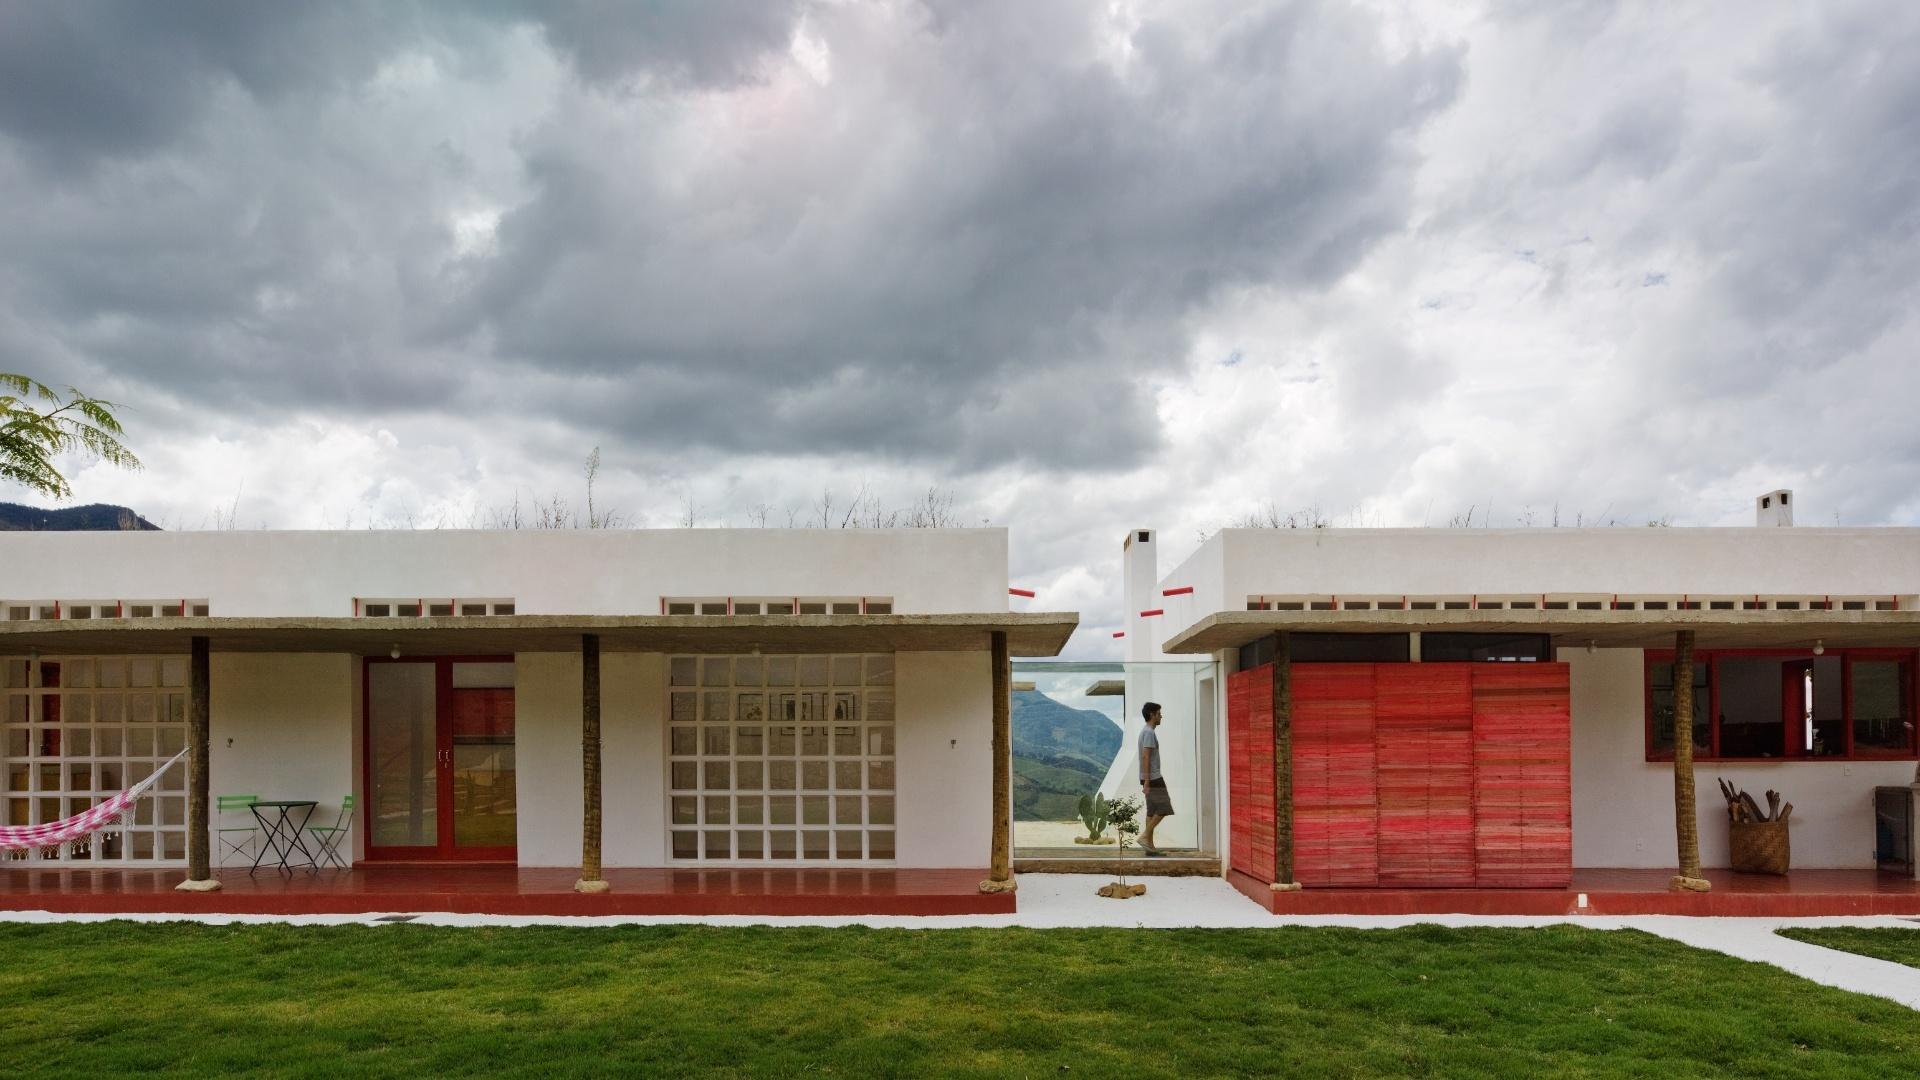 Os dois volumes da casa Dom Viçoso, projetada pelo arquiteto Marcelo Ferraz, são interligados por um passadiço envidraçado, indispensável nos dias de chuva. Contrastando com o branco das paredes caiadas, o arquiteto projetou um lavabo na varanda, pequeno volume em alvenaria revestido de madeira e pintado em vermelho